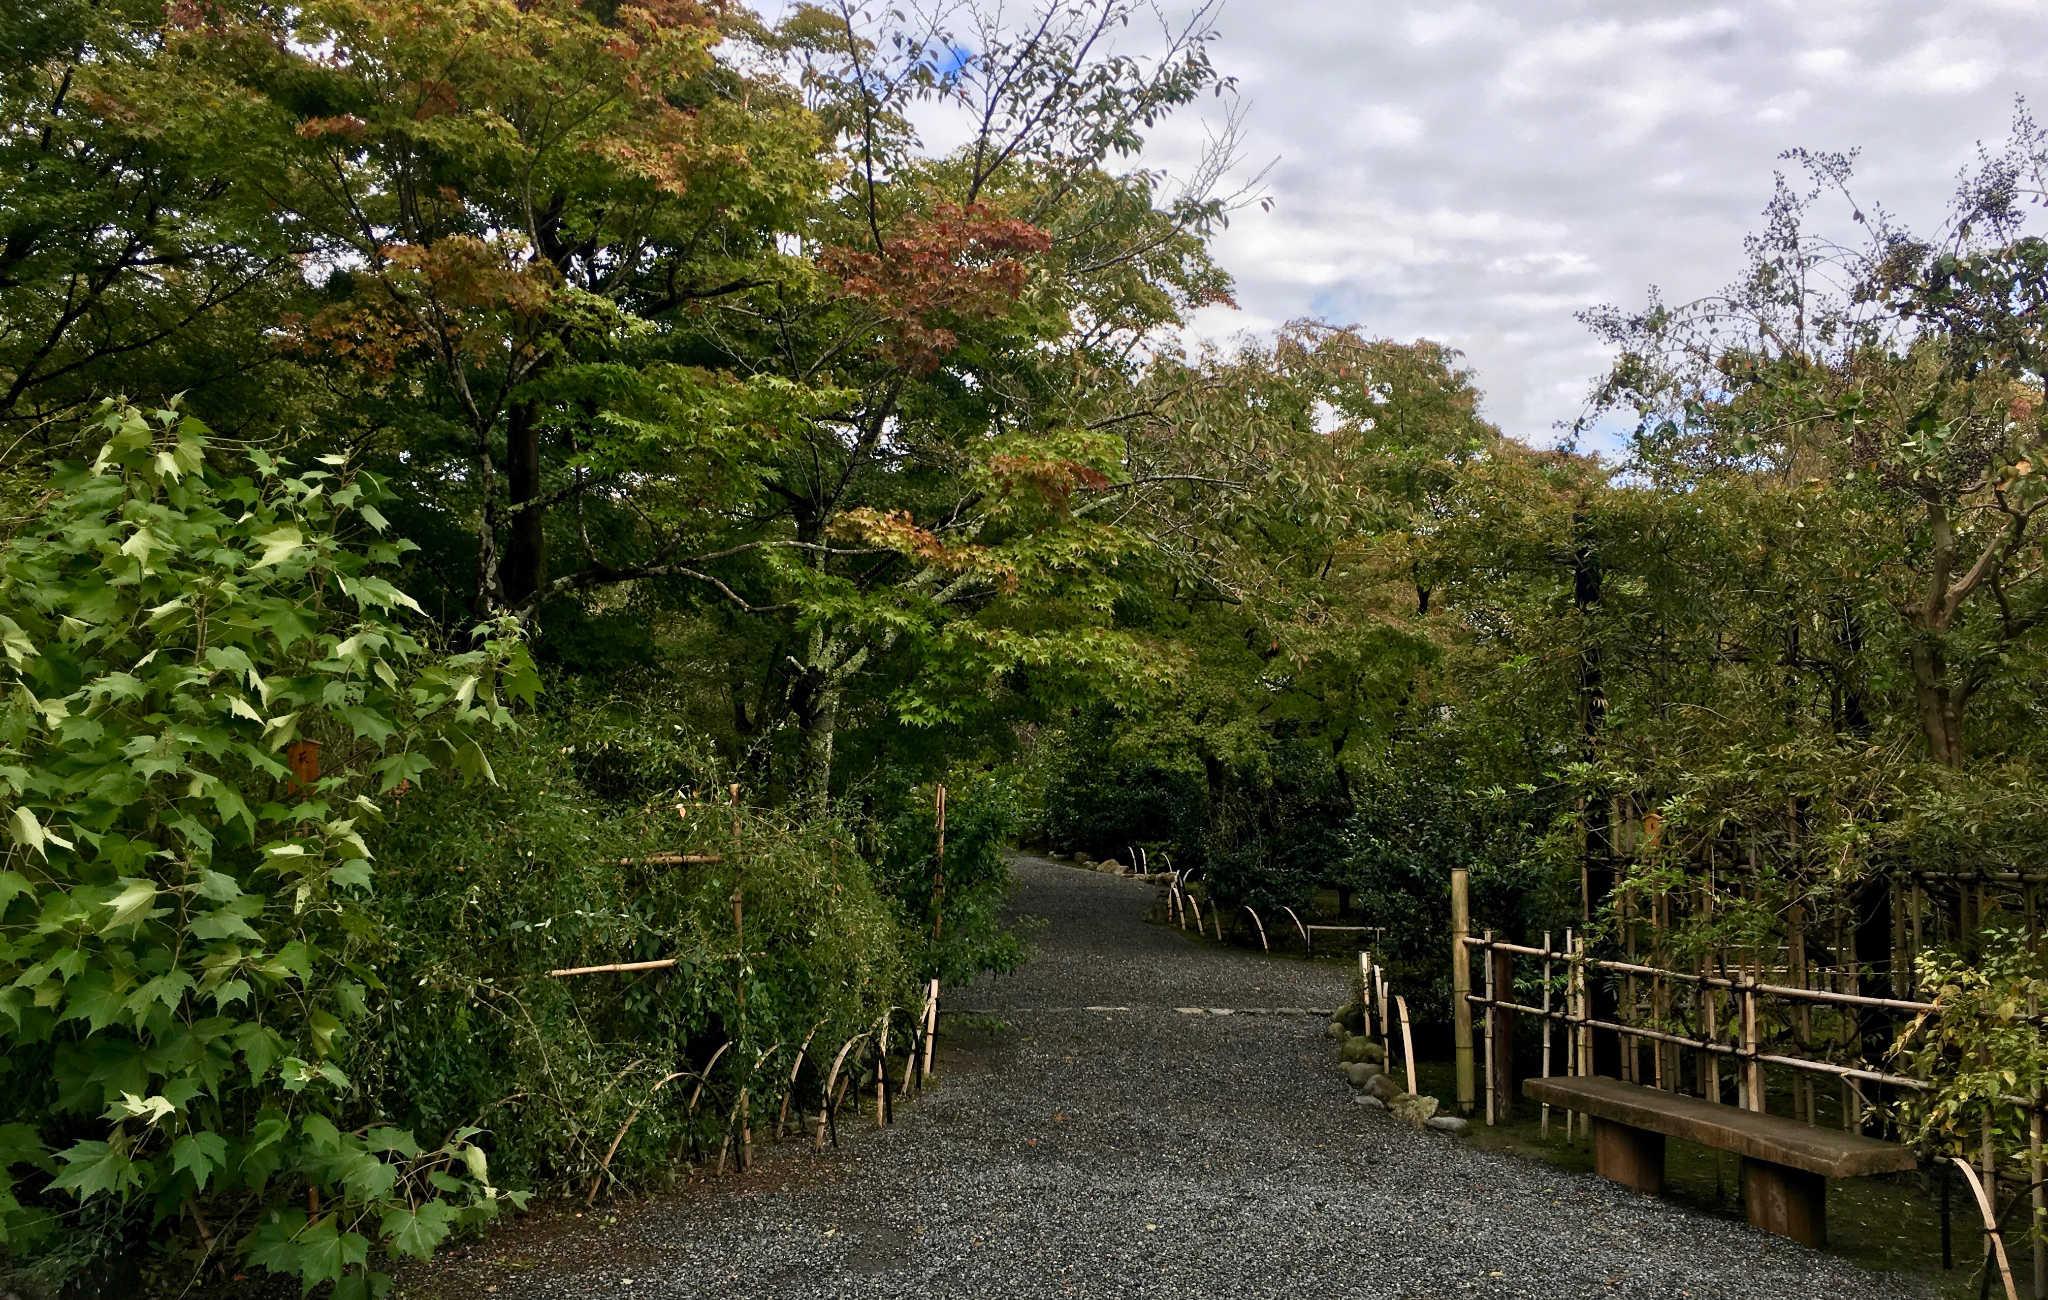 La visite du temple commence par un grand jardin et ses allées bordées d'arbres